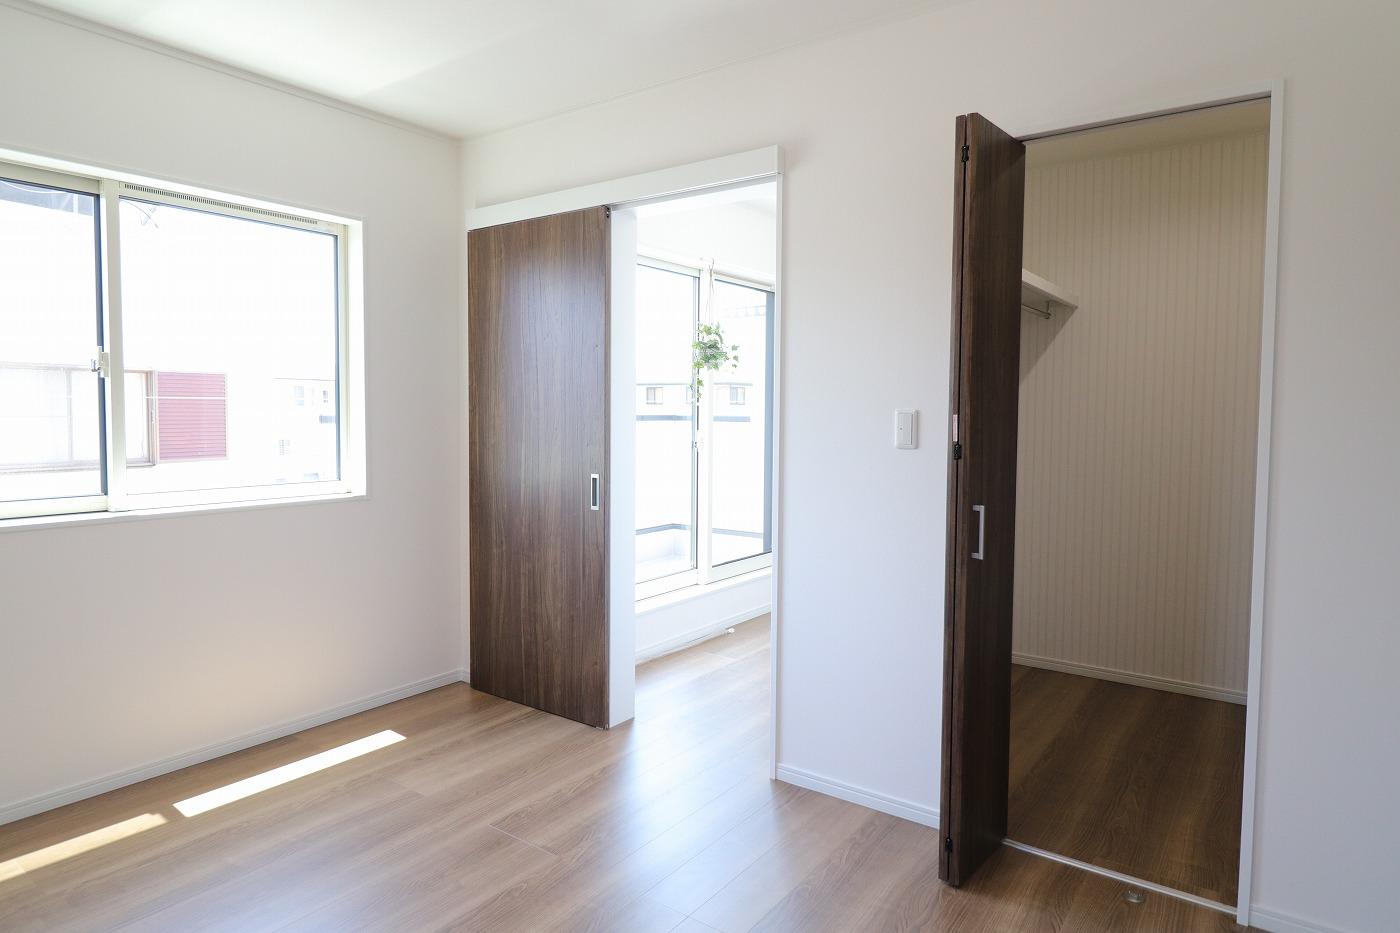 高松市木太町新築分譲建売住宅の寝室クローゼット